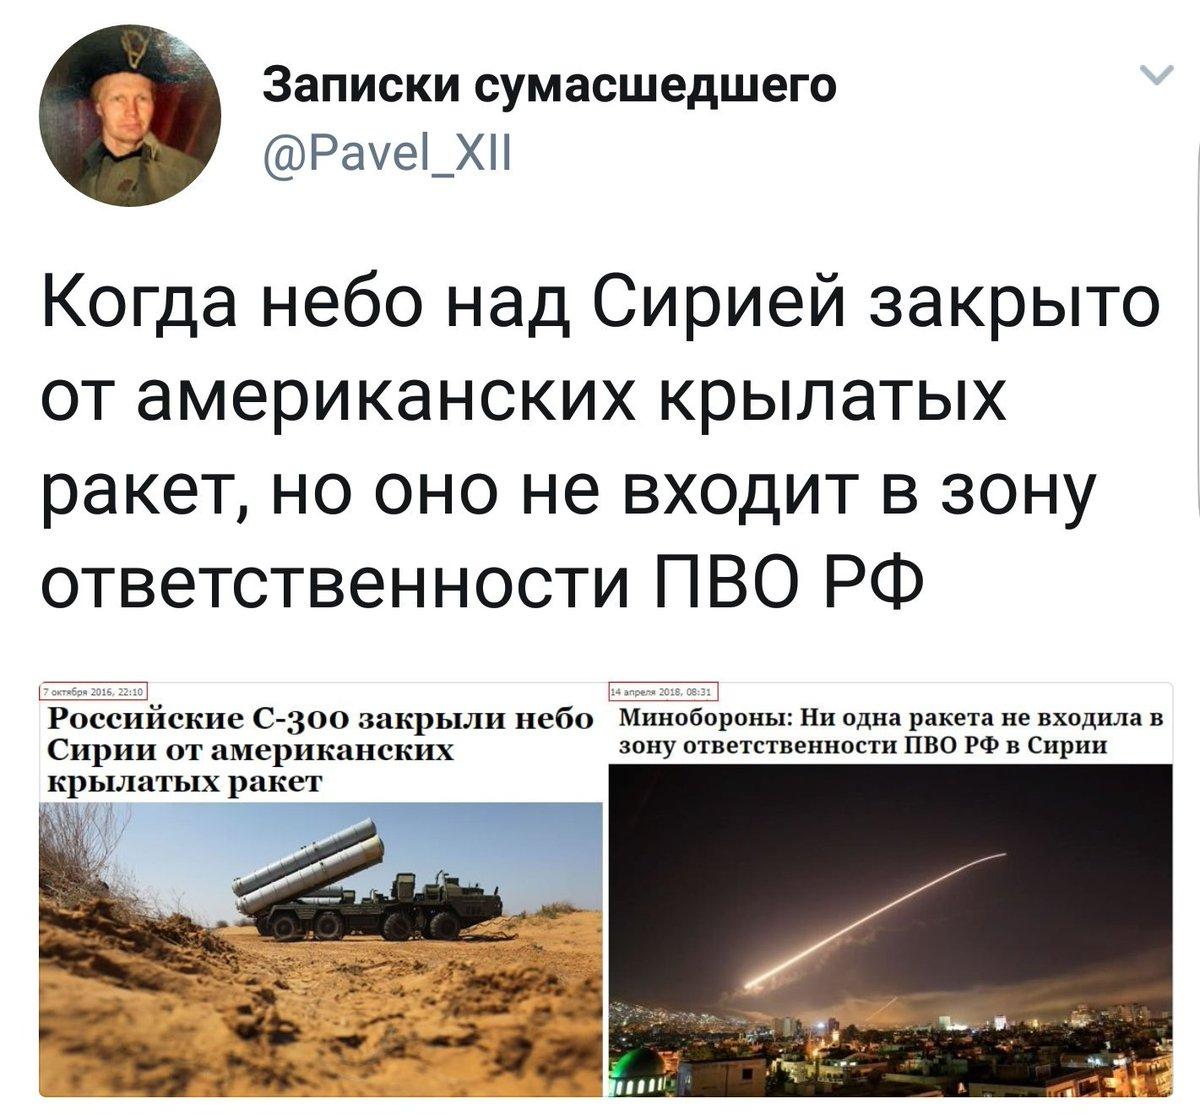 Министр обороны Франции Парли опубликовала кадры запуска крылатых ракет по Сирии - Цензор.НЕТ 3117